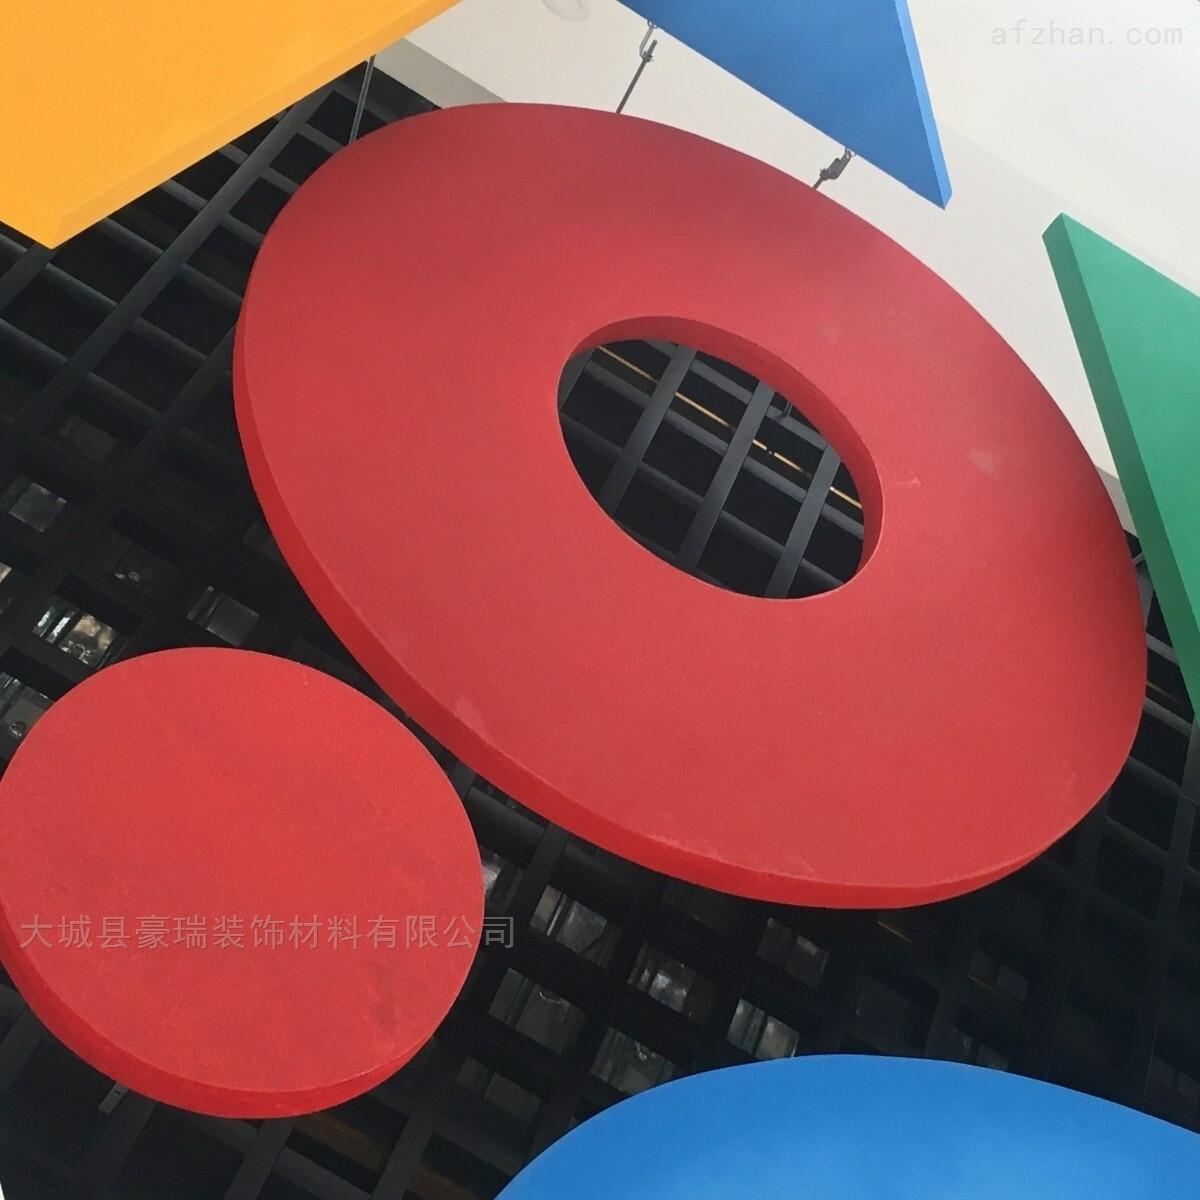 潮州岩棉玻纤板独立悬挂吸音体垂片炫彩定做